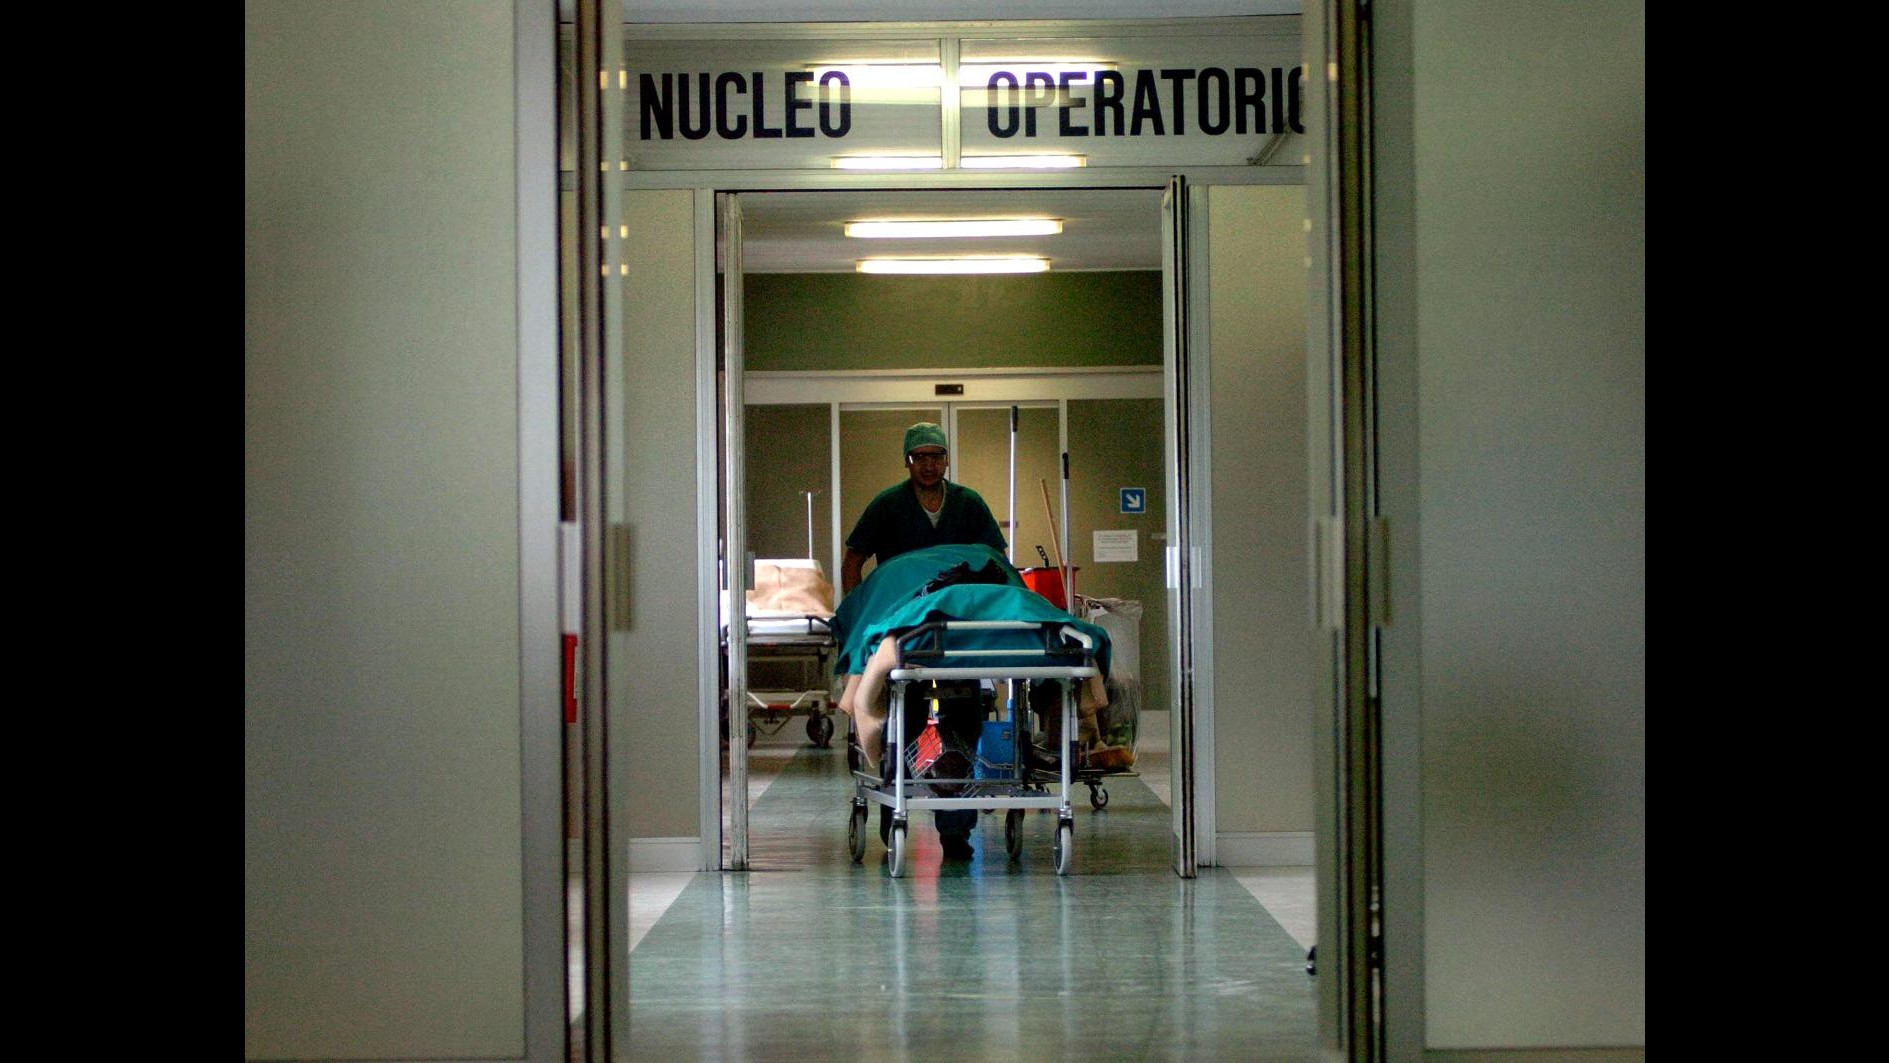 Sanità, Renzi: Nessun taglio ai finanziamenti. A Chigi risparmiati 3 mln